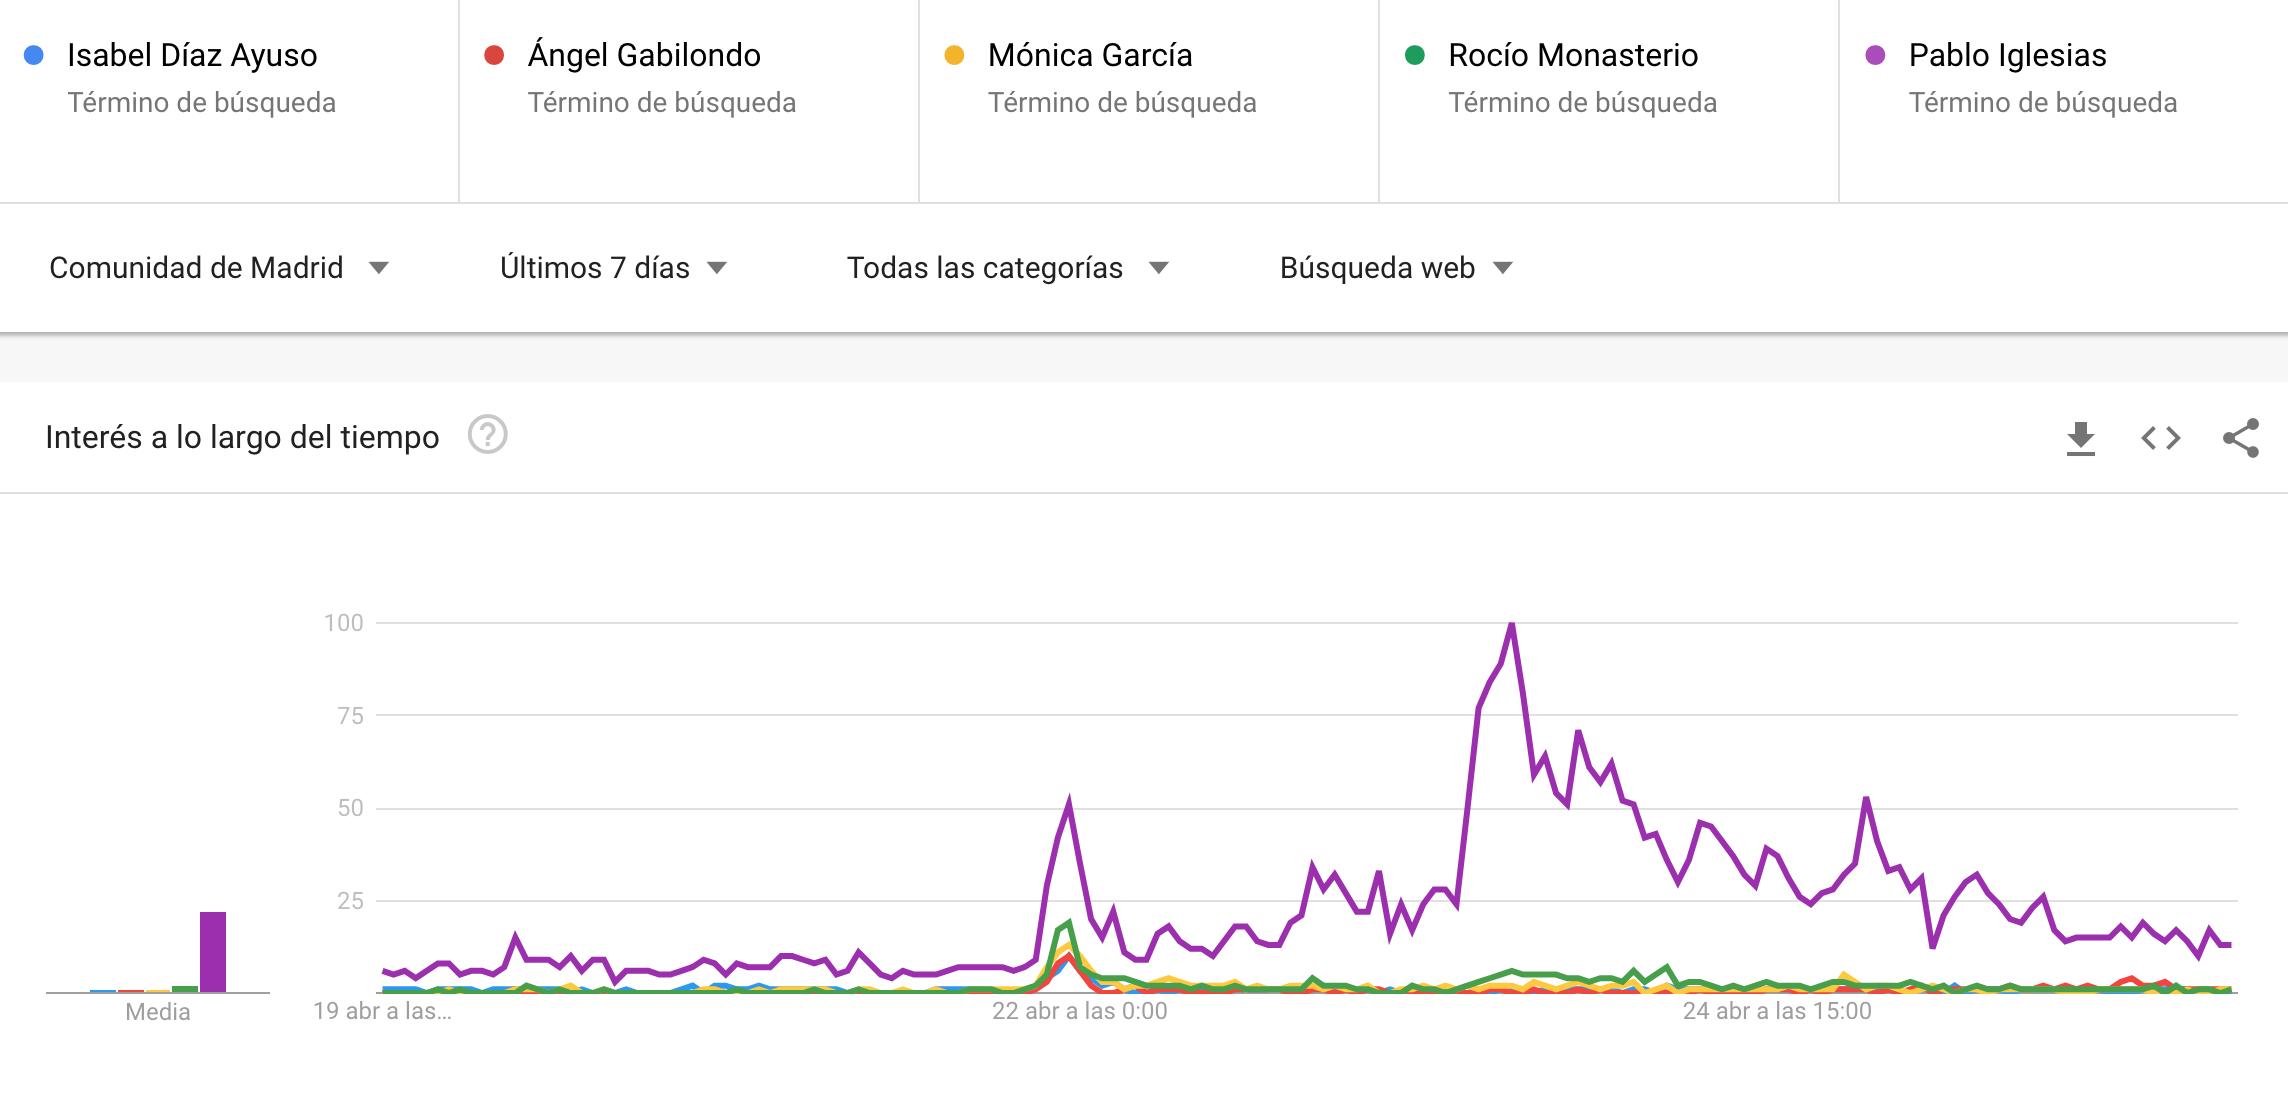 📈 🗳️ Cómo ha cambiado el interés de los usuarios tras el debate del viernes en Madrid